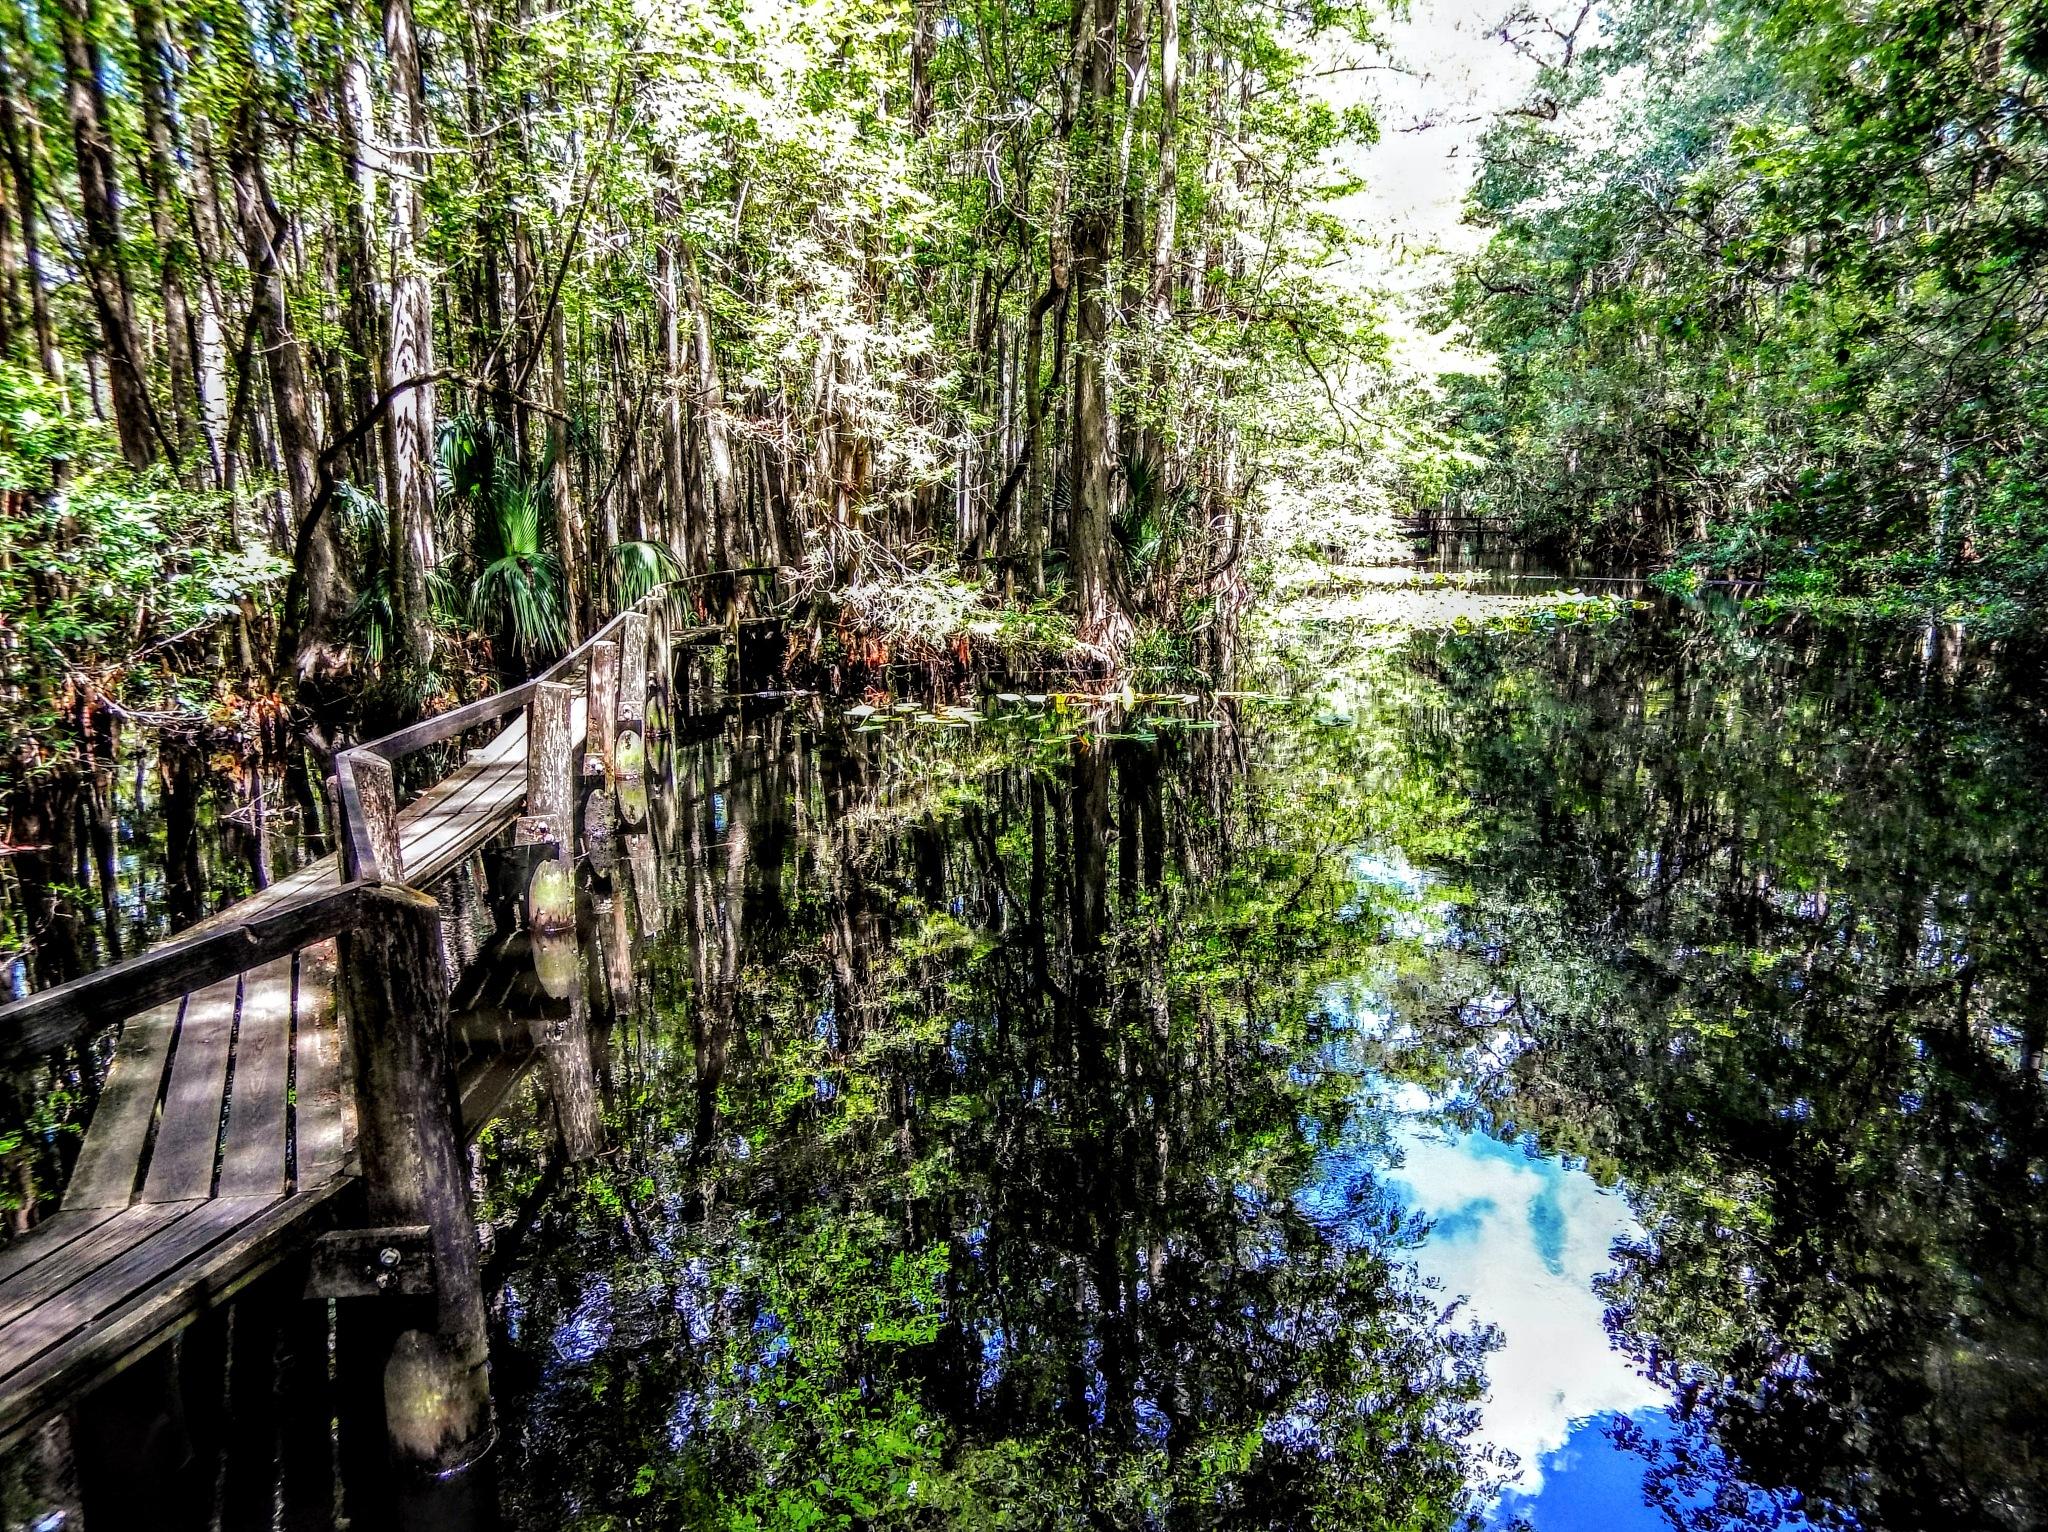 Swamp Dreams by Todd